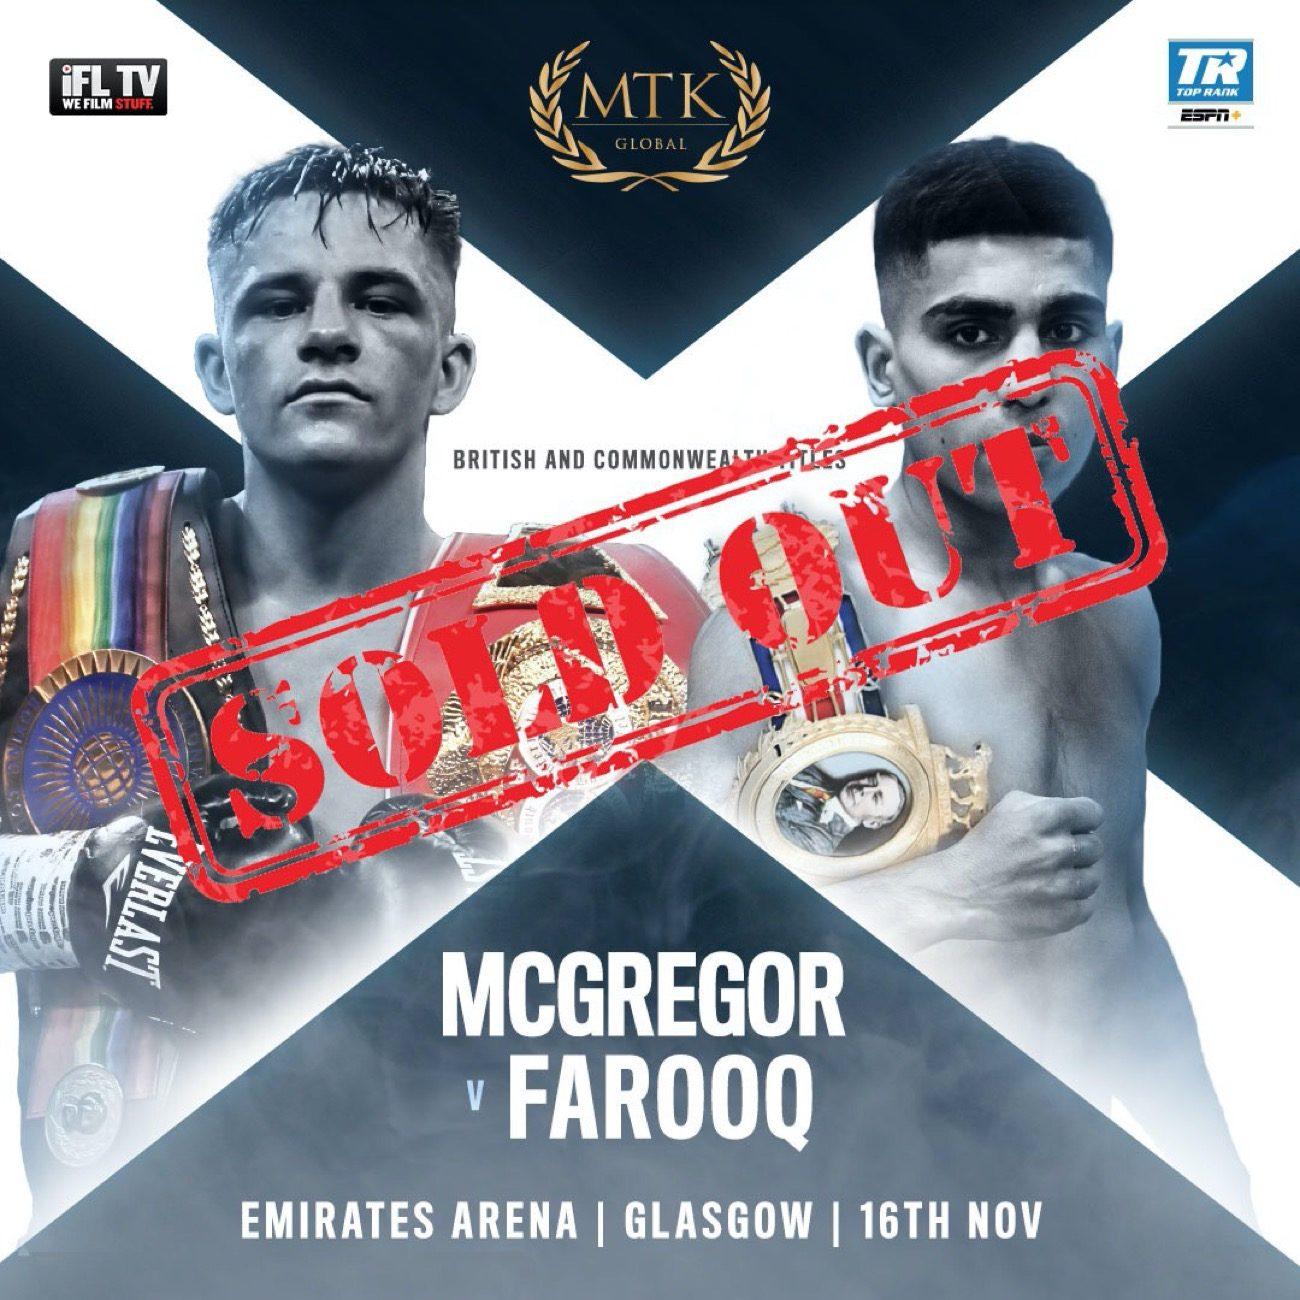 Kieran Smith Lee McGregor Paddy Donovan British Boxing Press Room